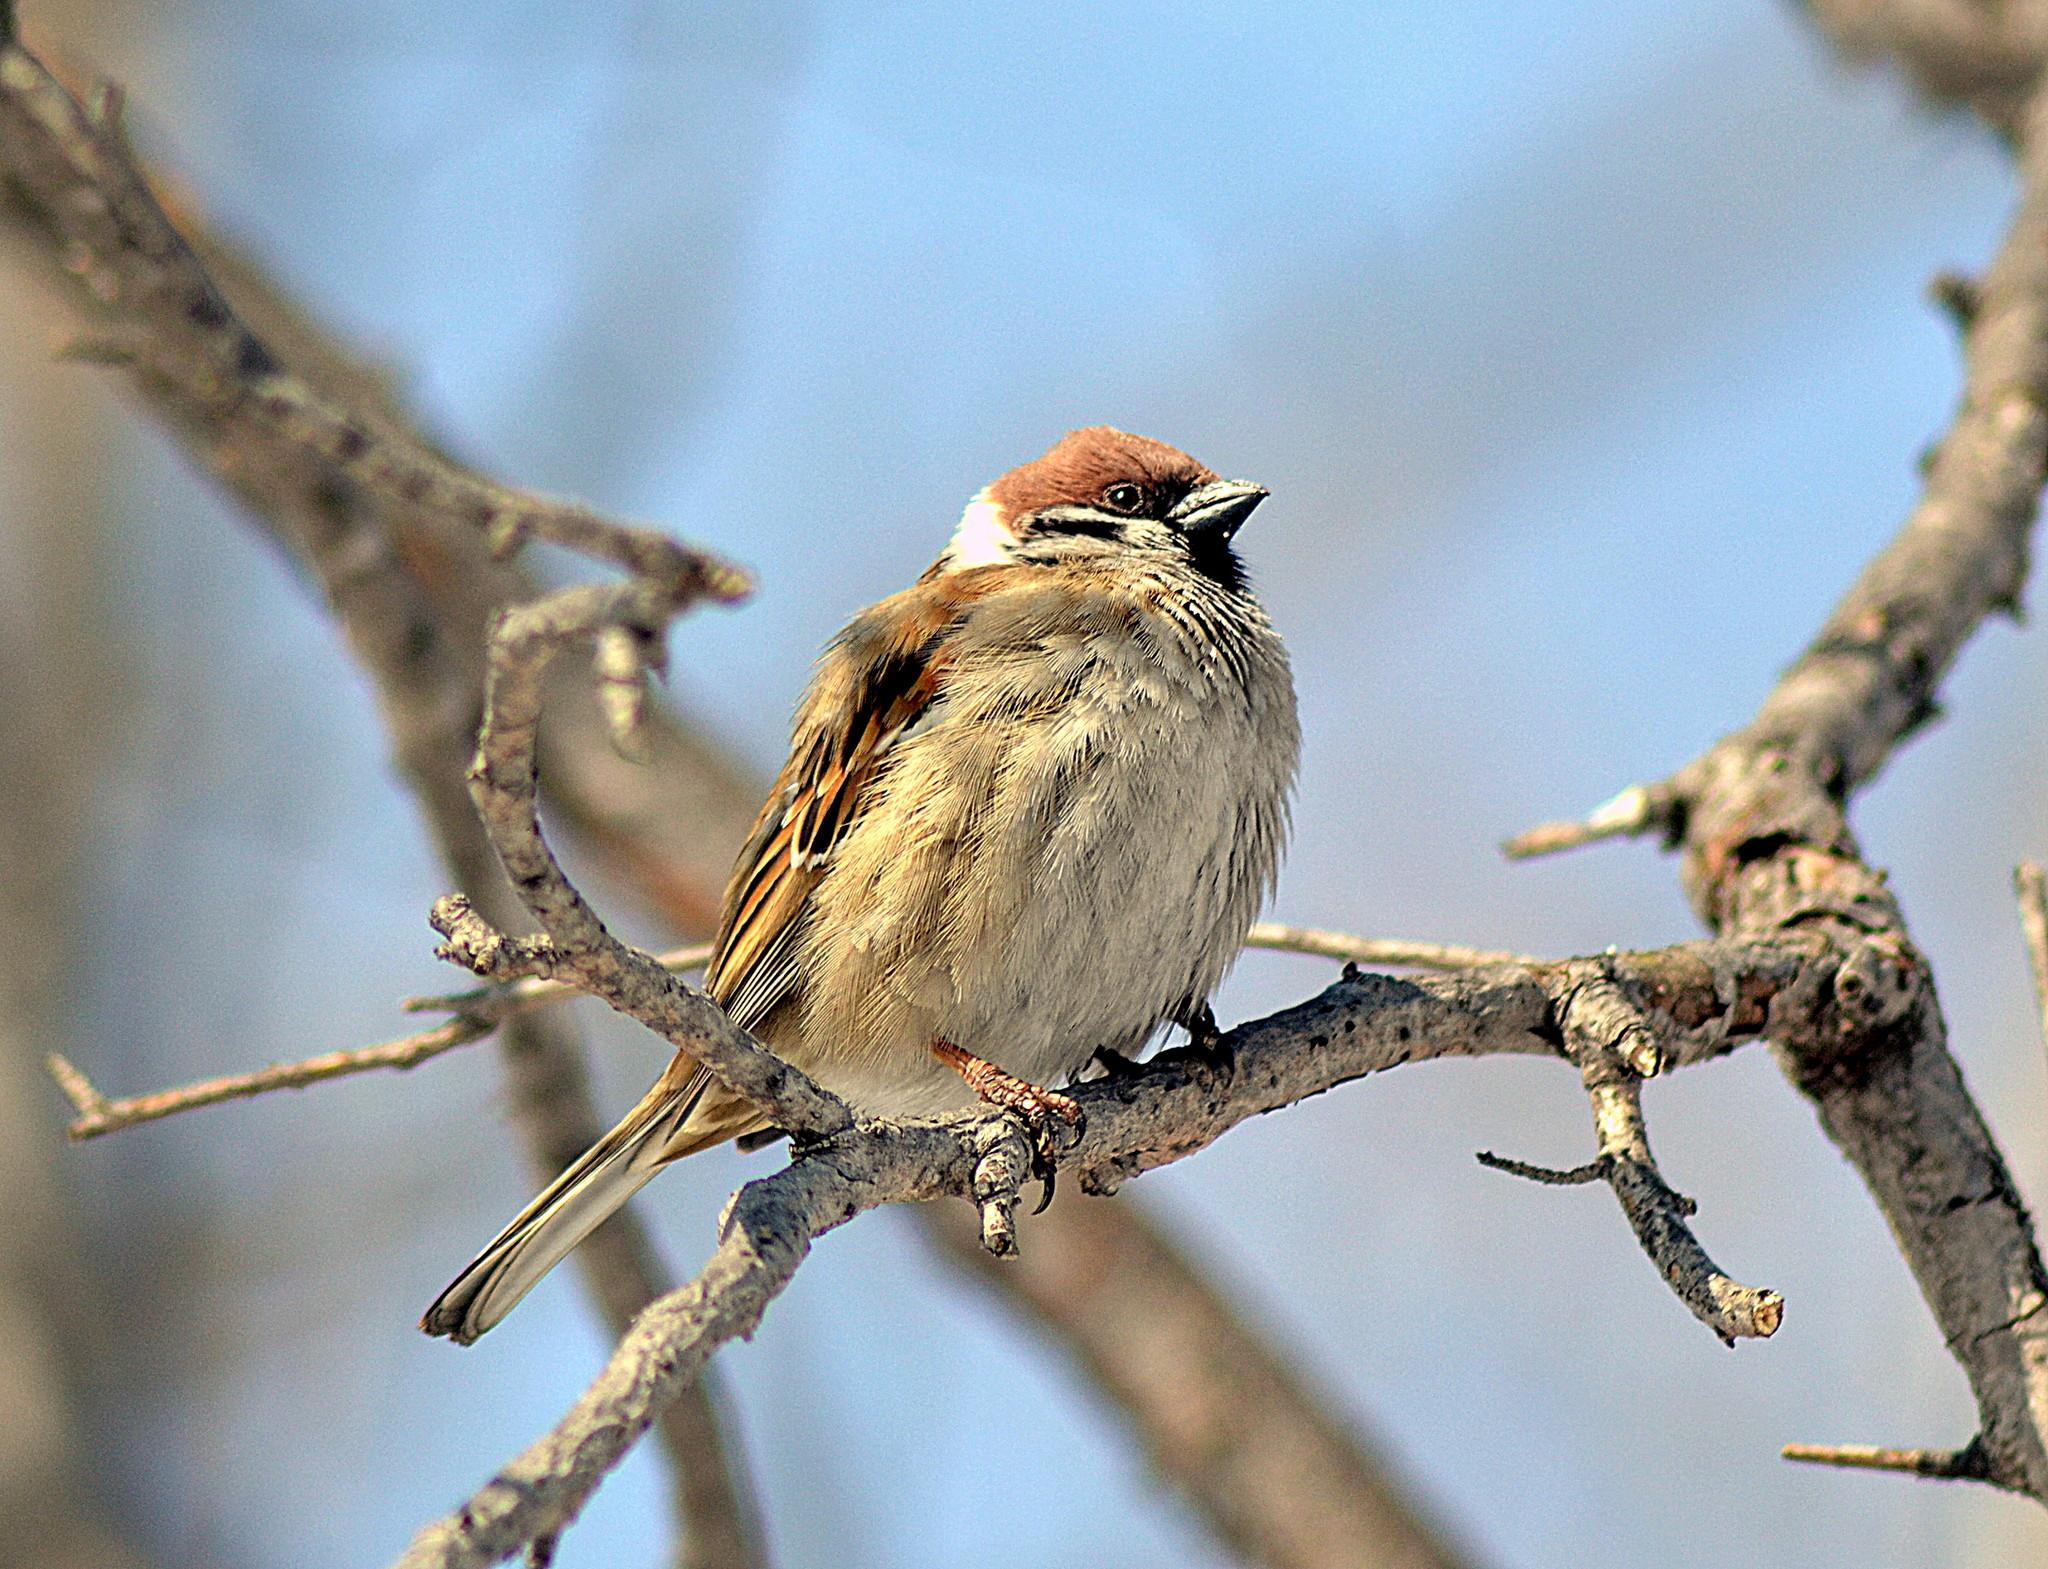 пышно картинки птиц хабаровского края держит партнёршу